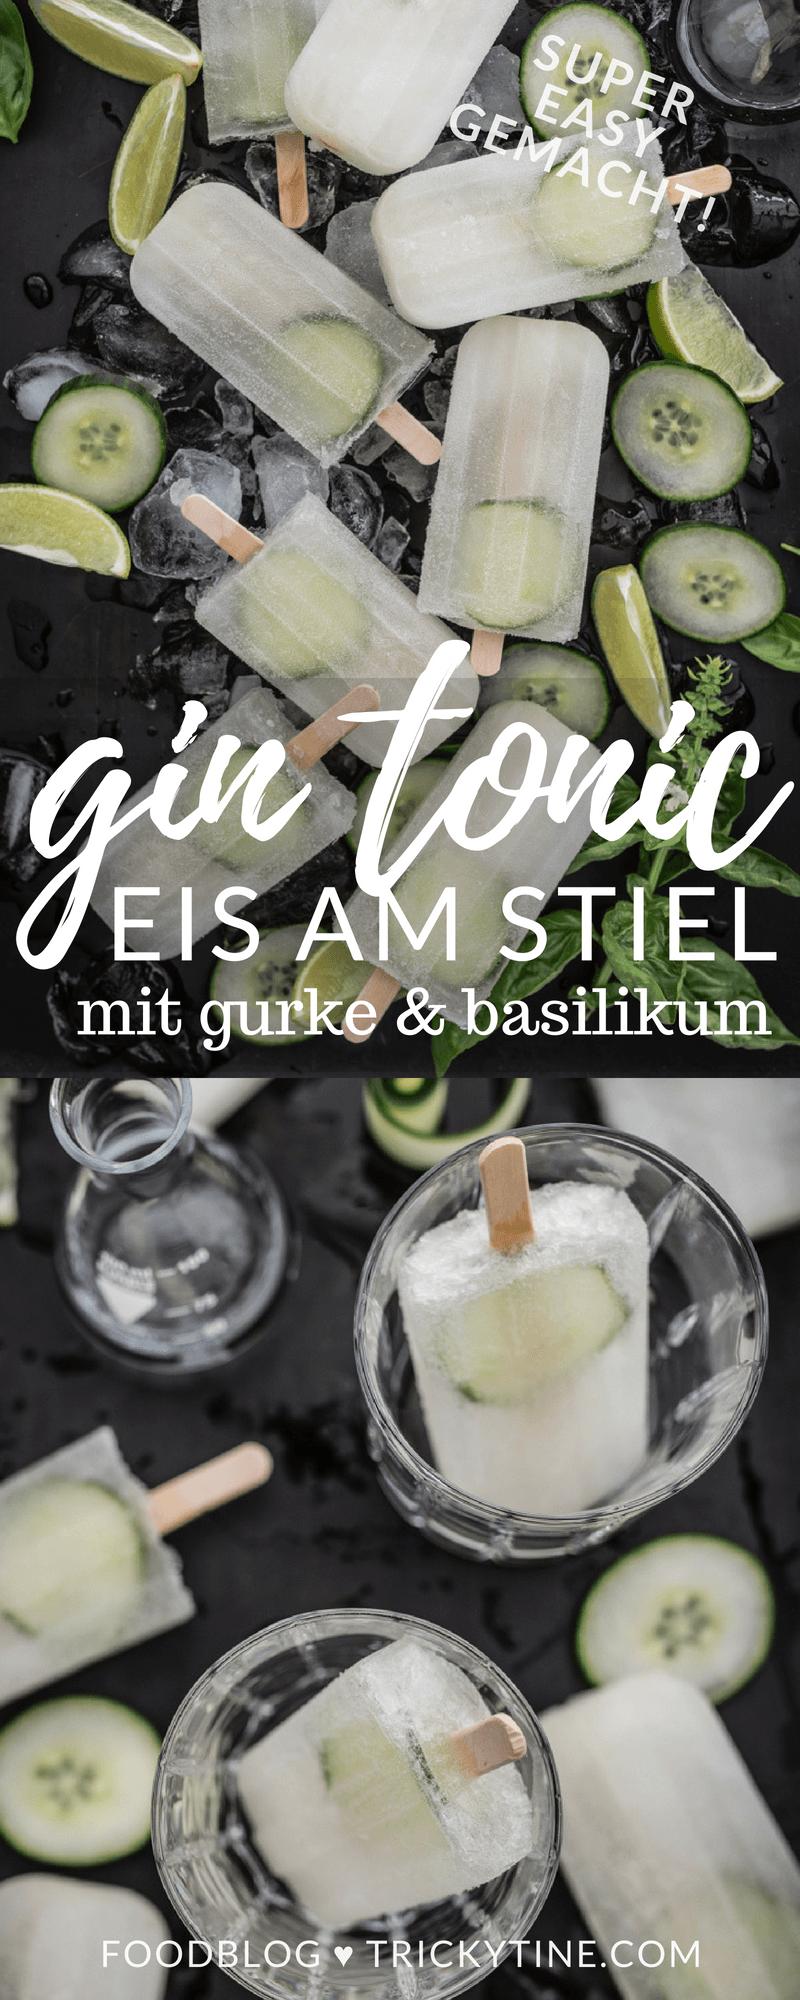 Gin Tonic Eis am Stiel mit Gurke und Basilikum - trickytine